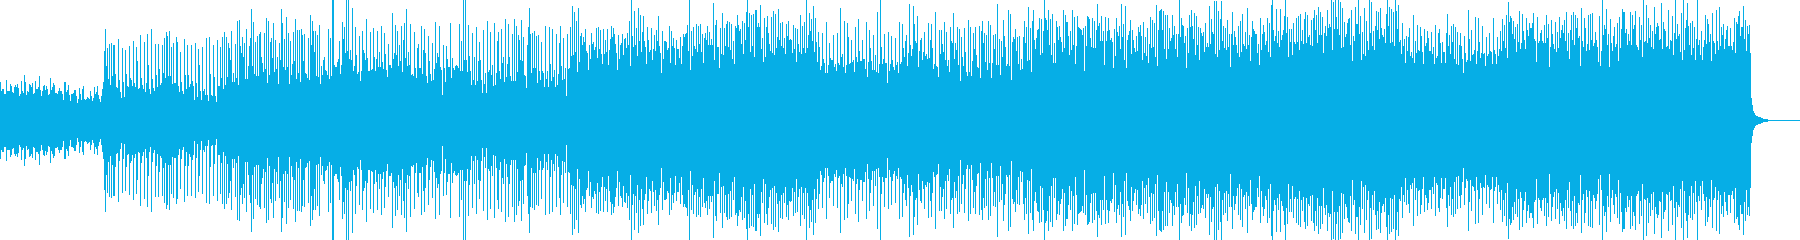 過激幻想 インド音階 ヘヴィメタルテクノの再生済みの波形